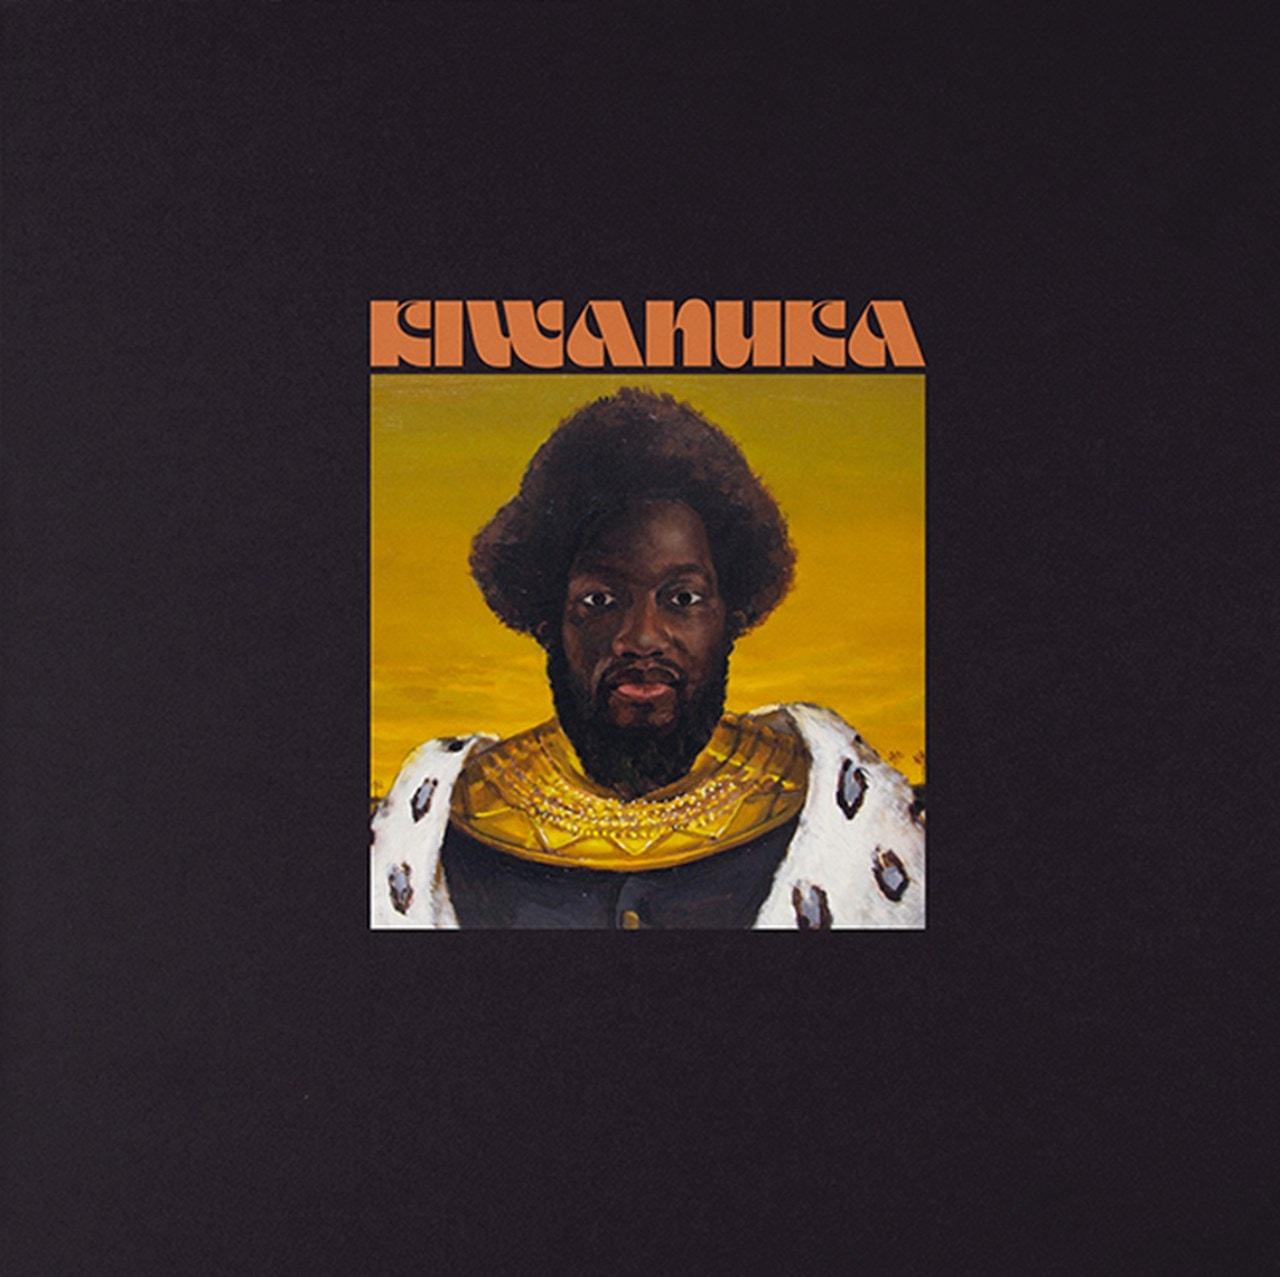 KIWANUKA - 1